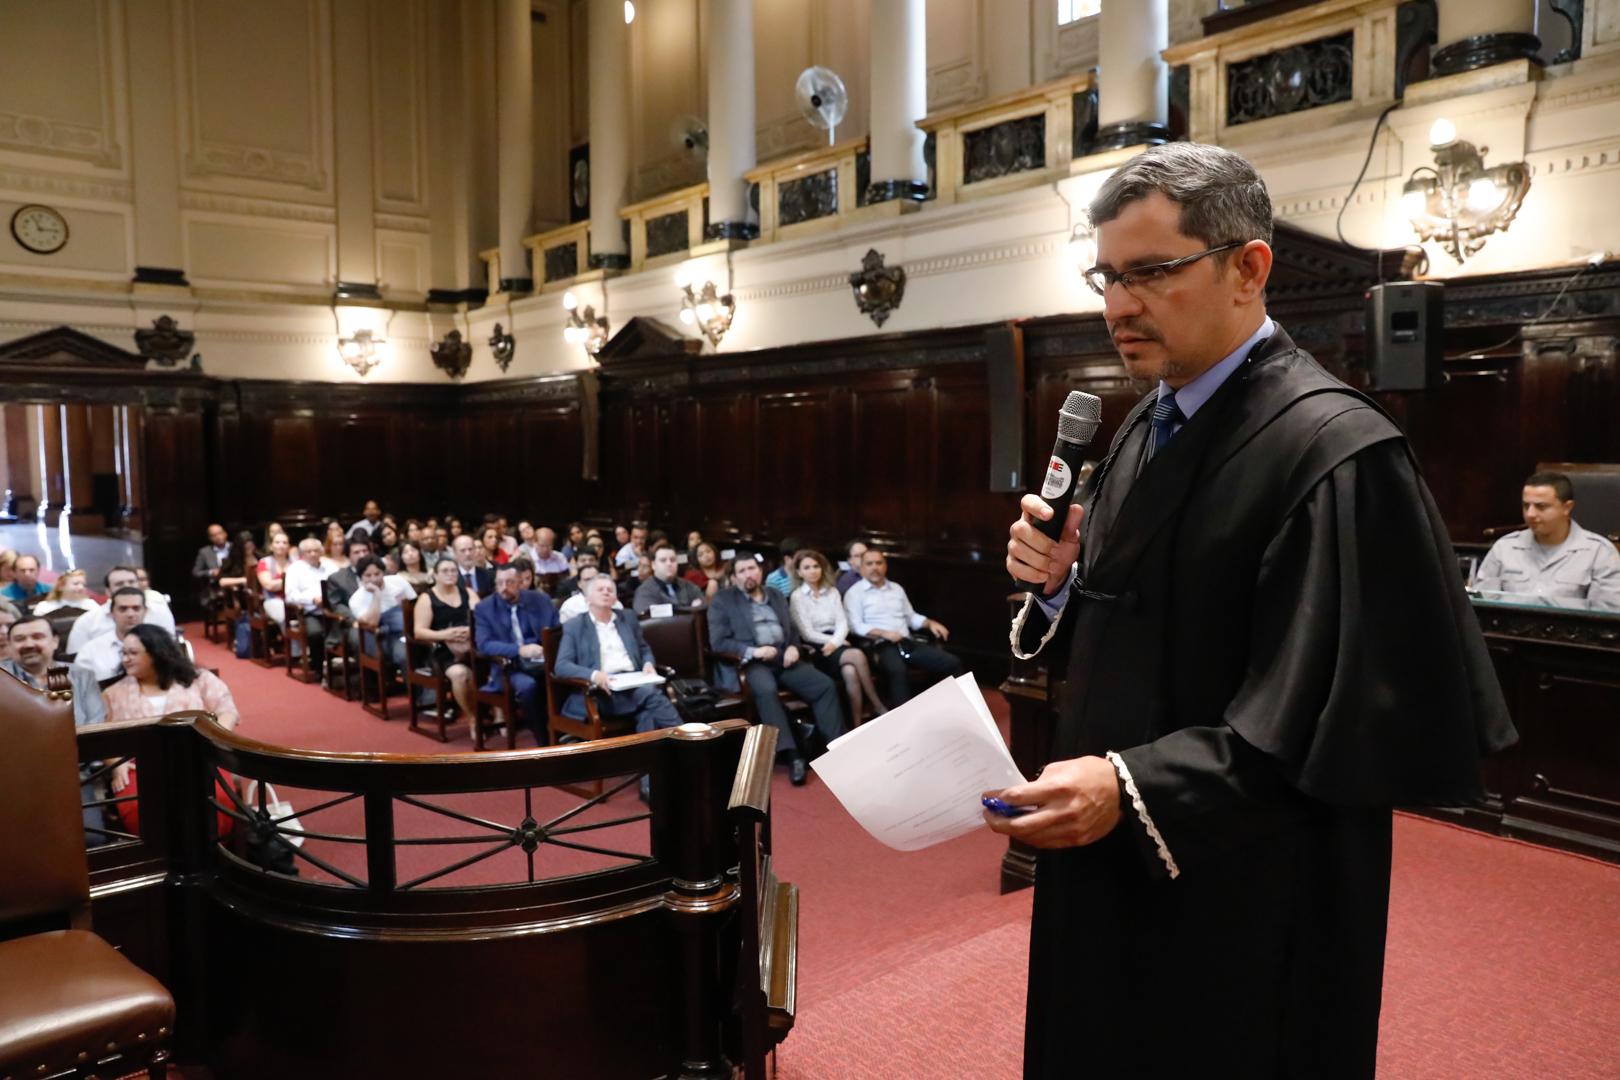 Estudantes do Centro Universitário Estácio participam de júri simulado no Palácio da Justiça